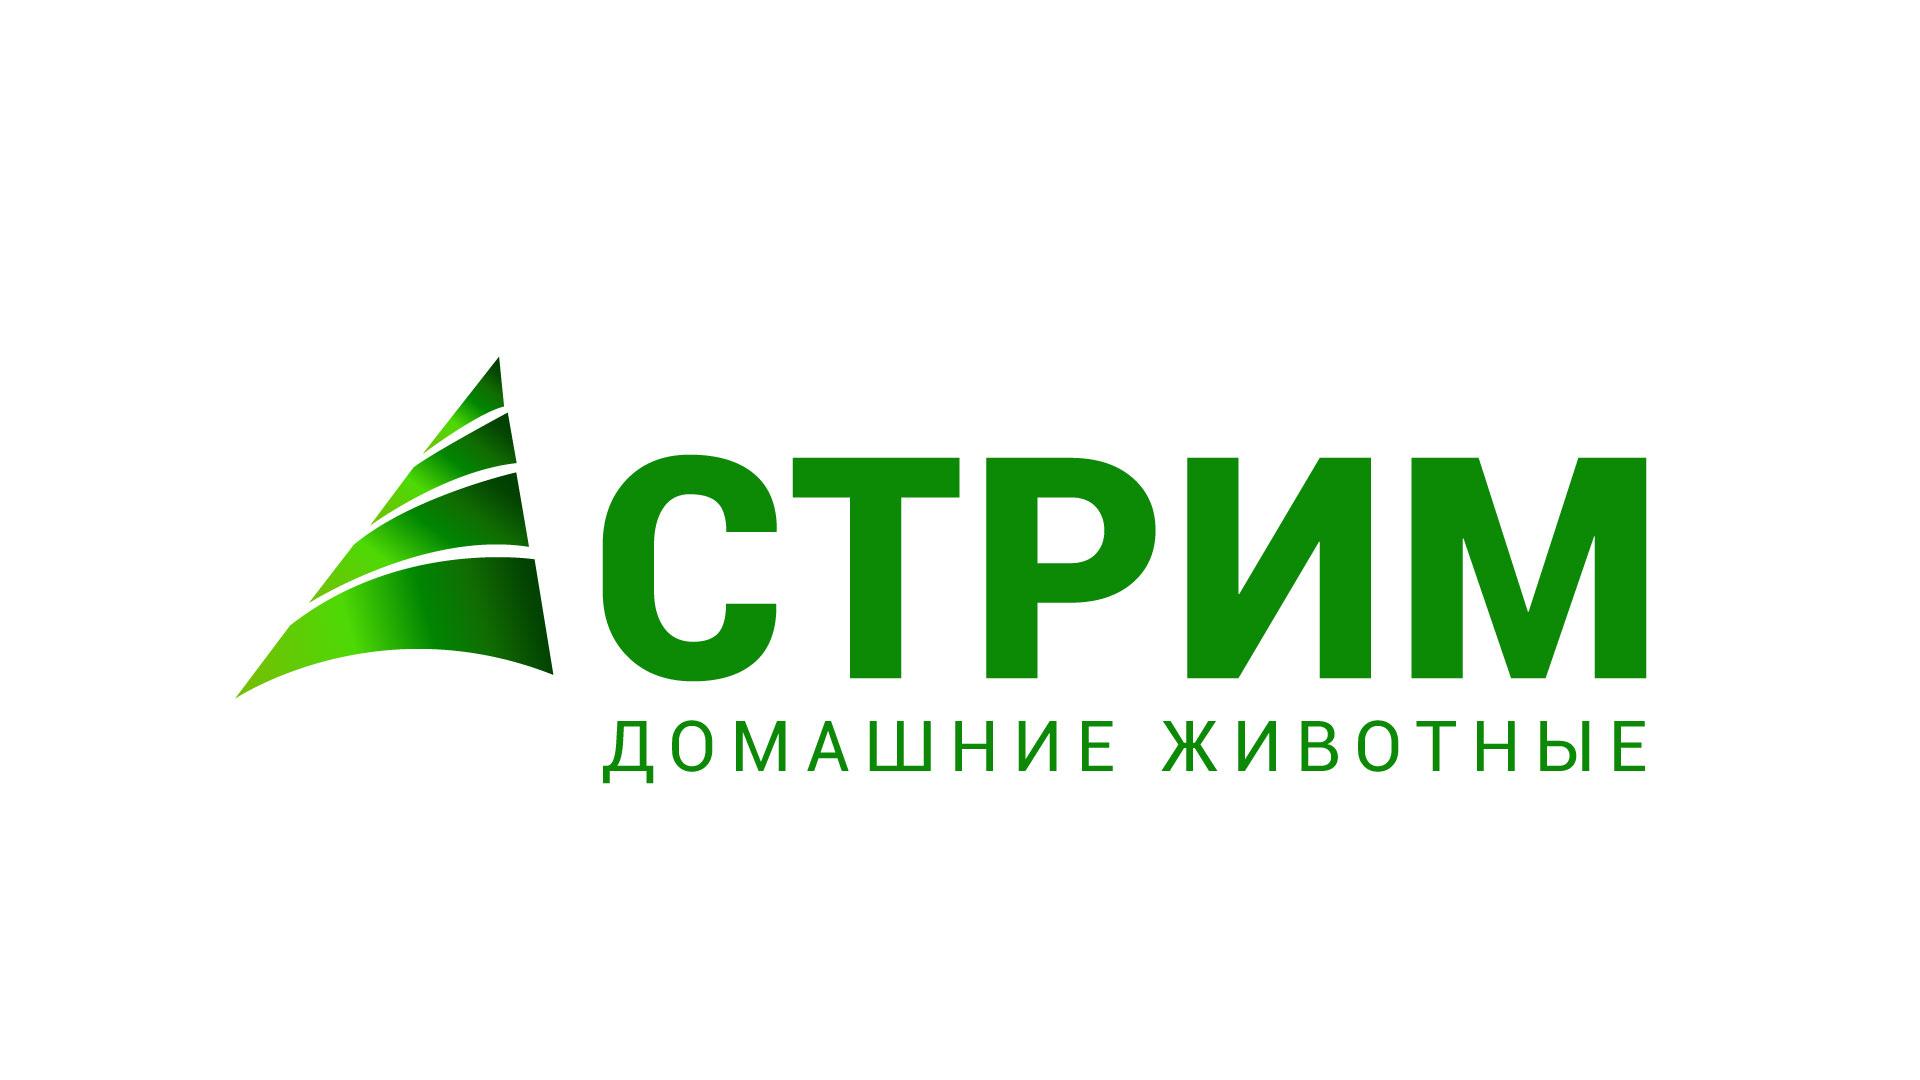 Создание концепции заставки и логотипа (телеканал) фото f_393566e82af3f26d.jpg